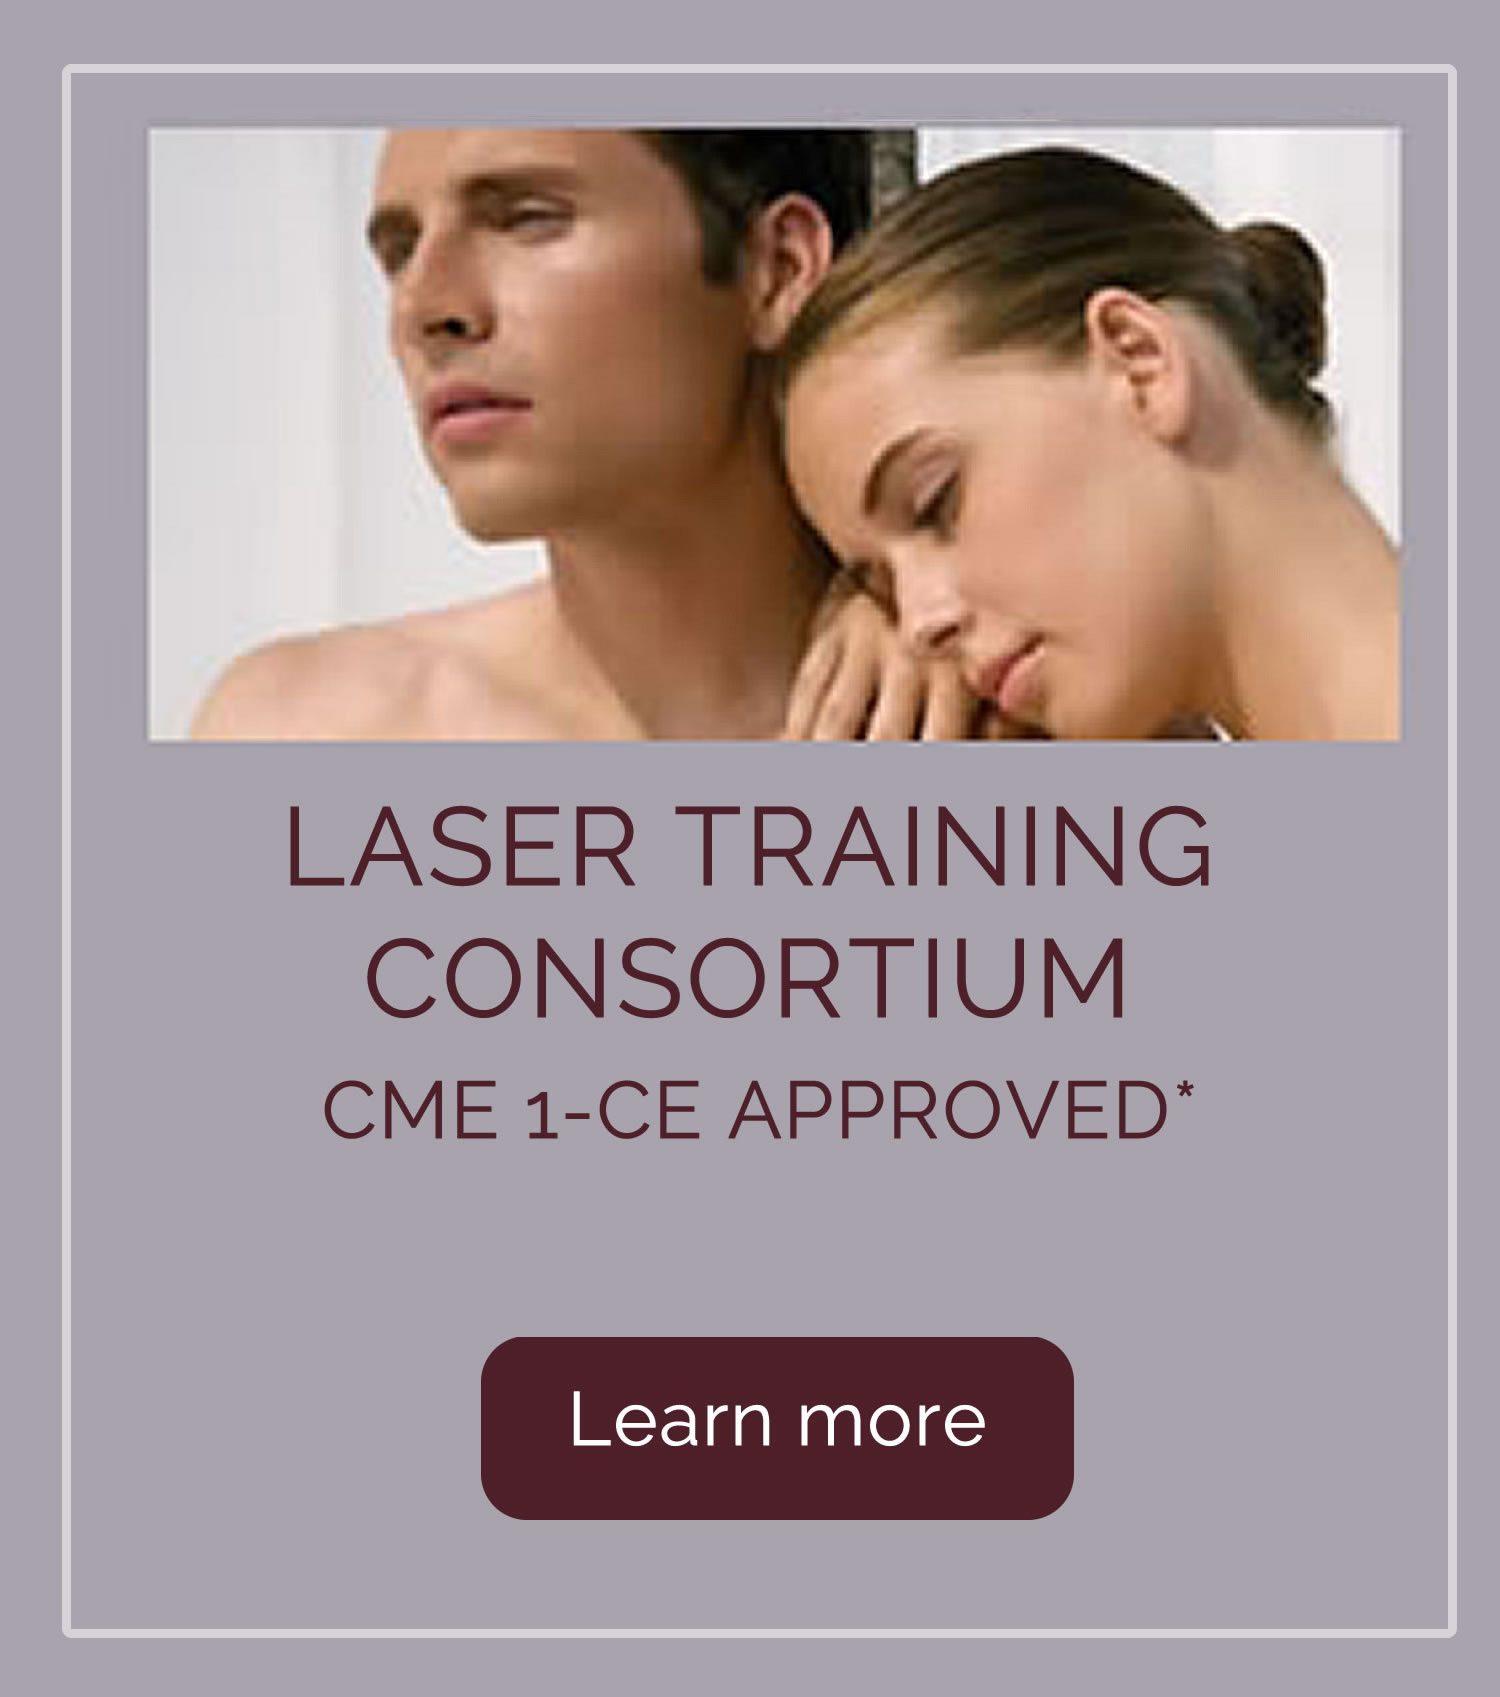 Laser Training Consortium